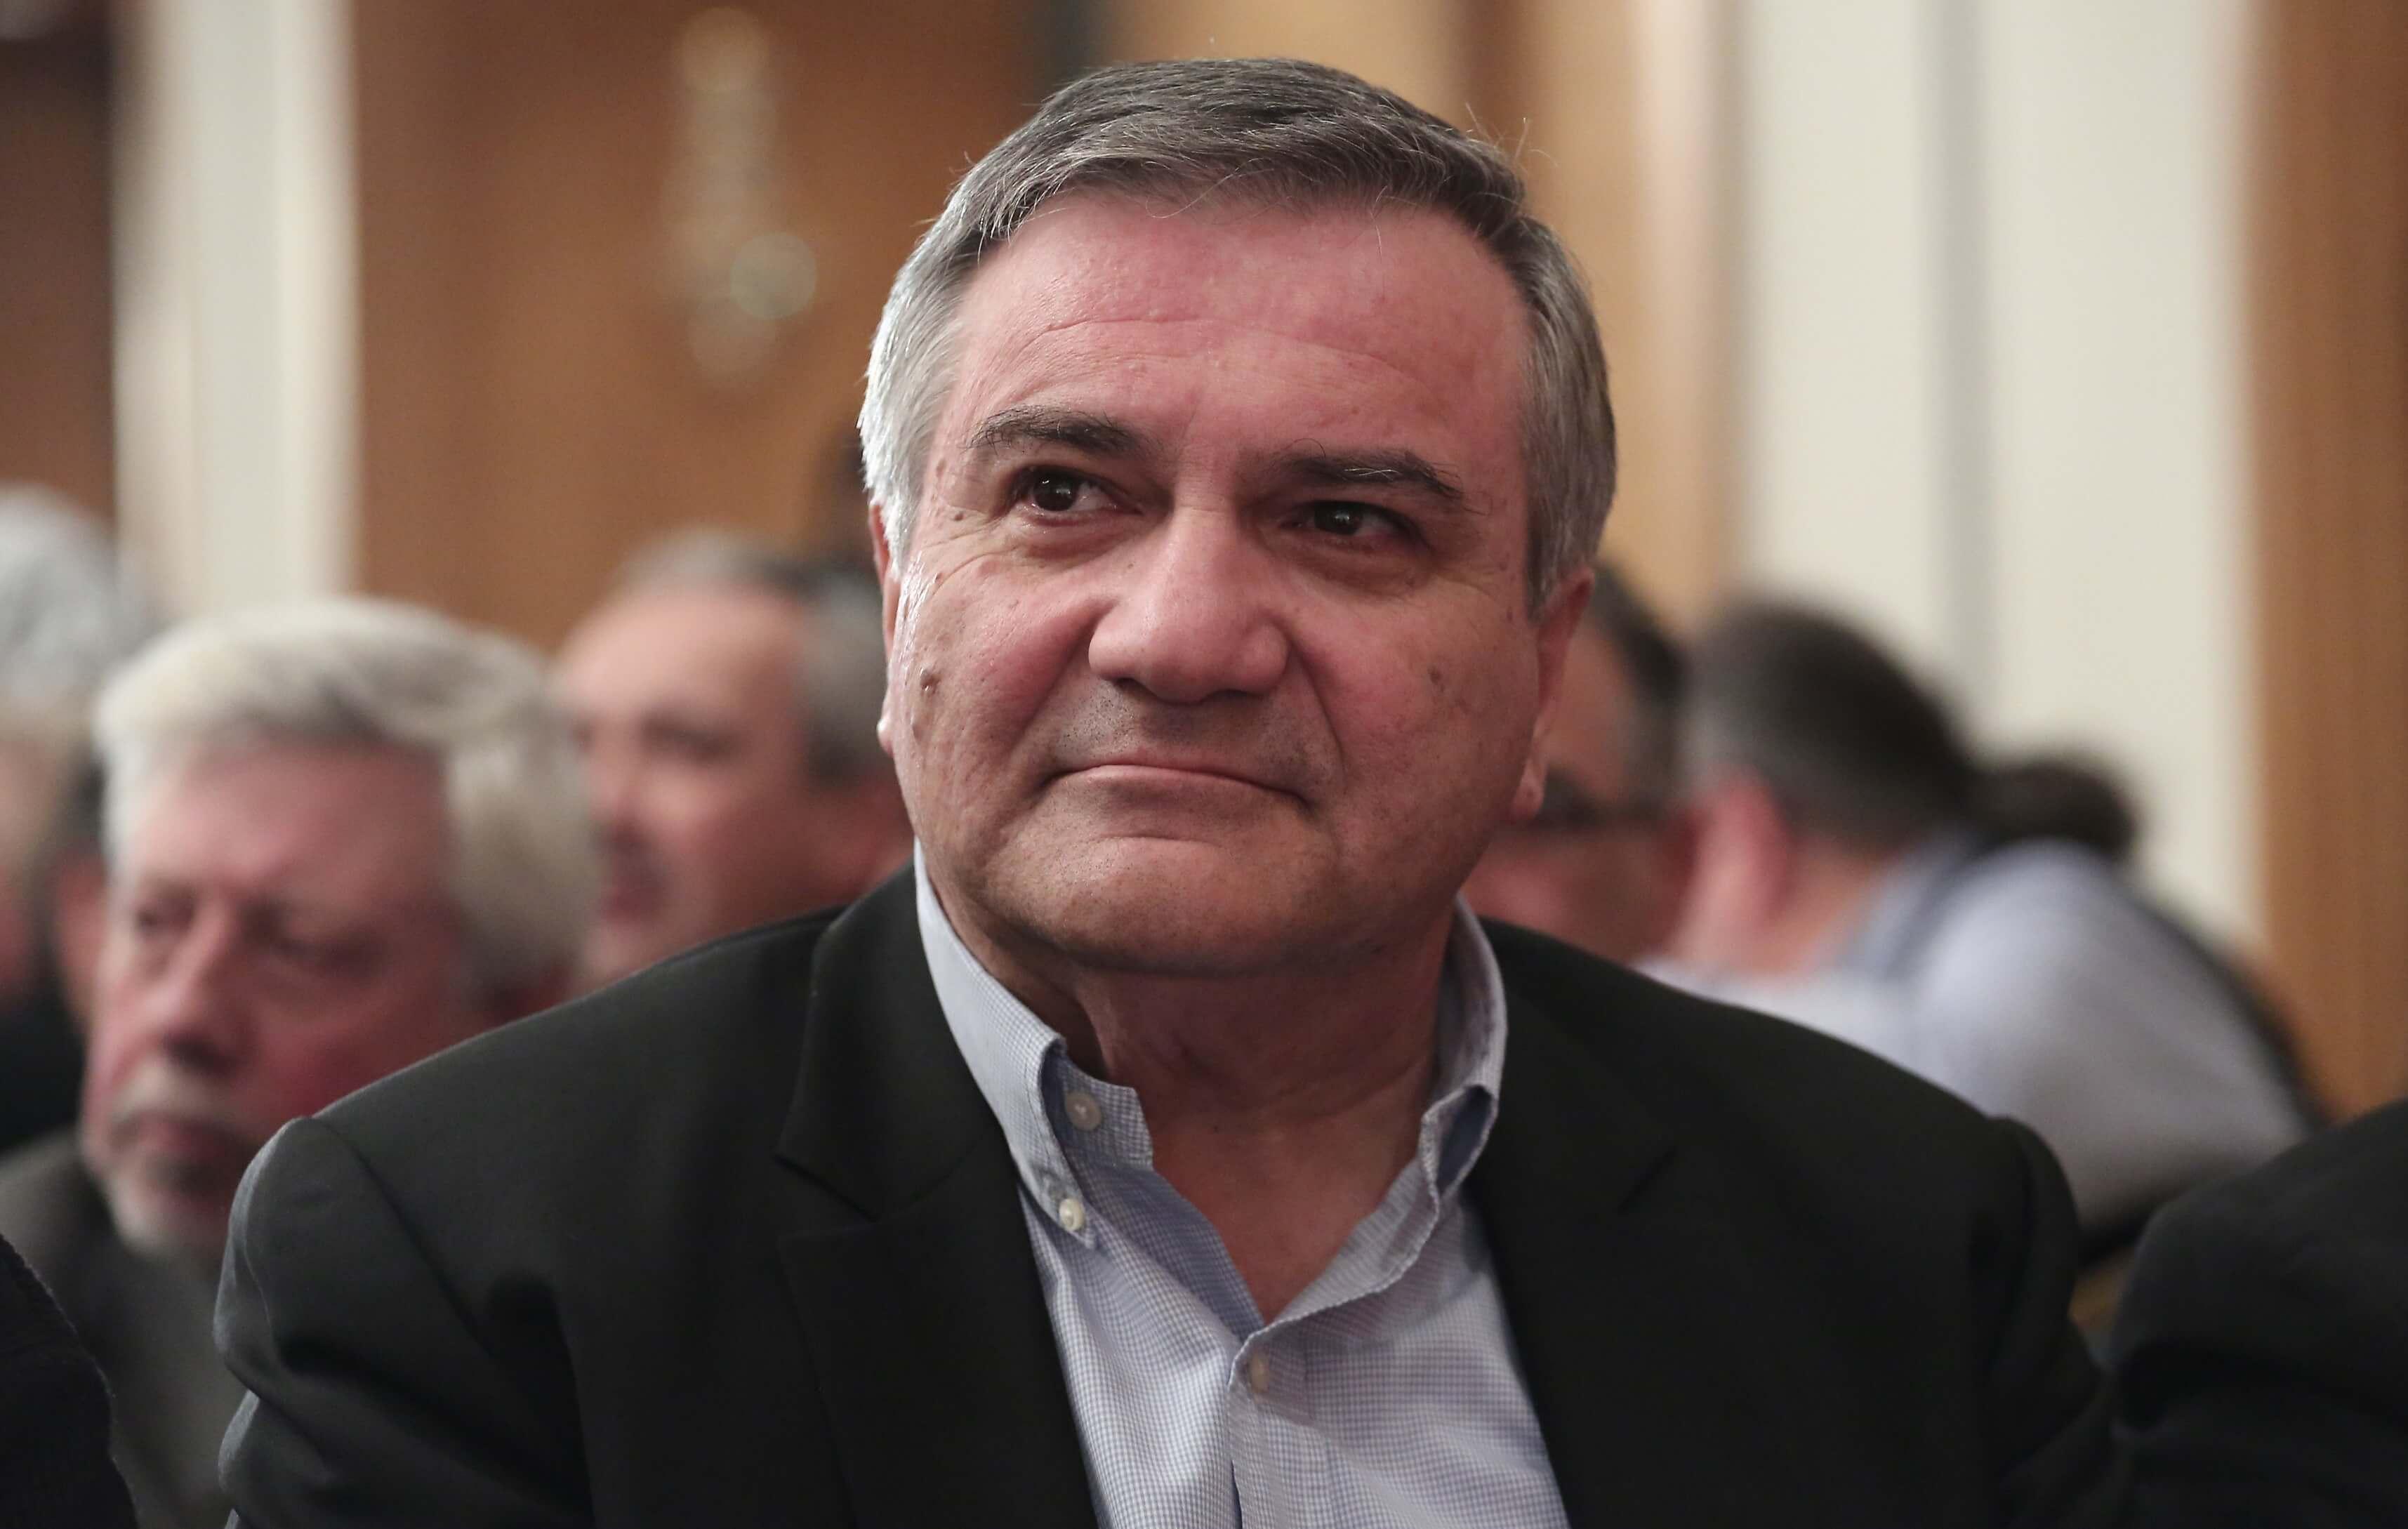 Χάρης Καστανίδης για εκλογές στο ΚΙΝΑΛ: Η συγκυβέρνηση Σαμαρά-Βενιζέλου κατέστρεψε το ΠΑΣΟΚ